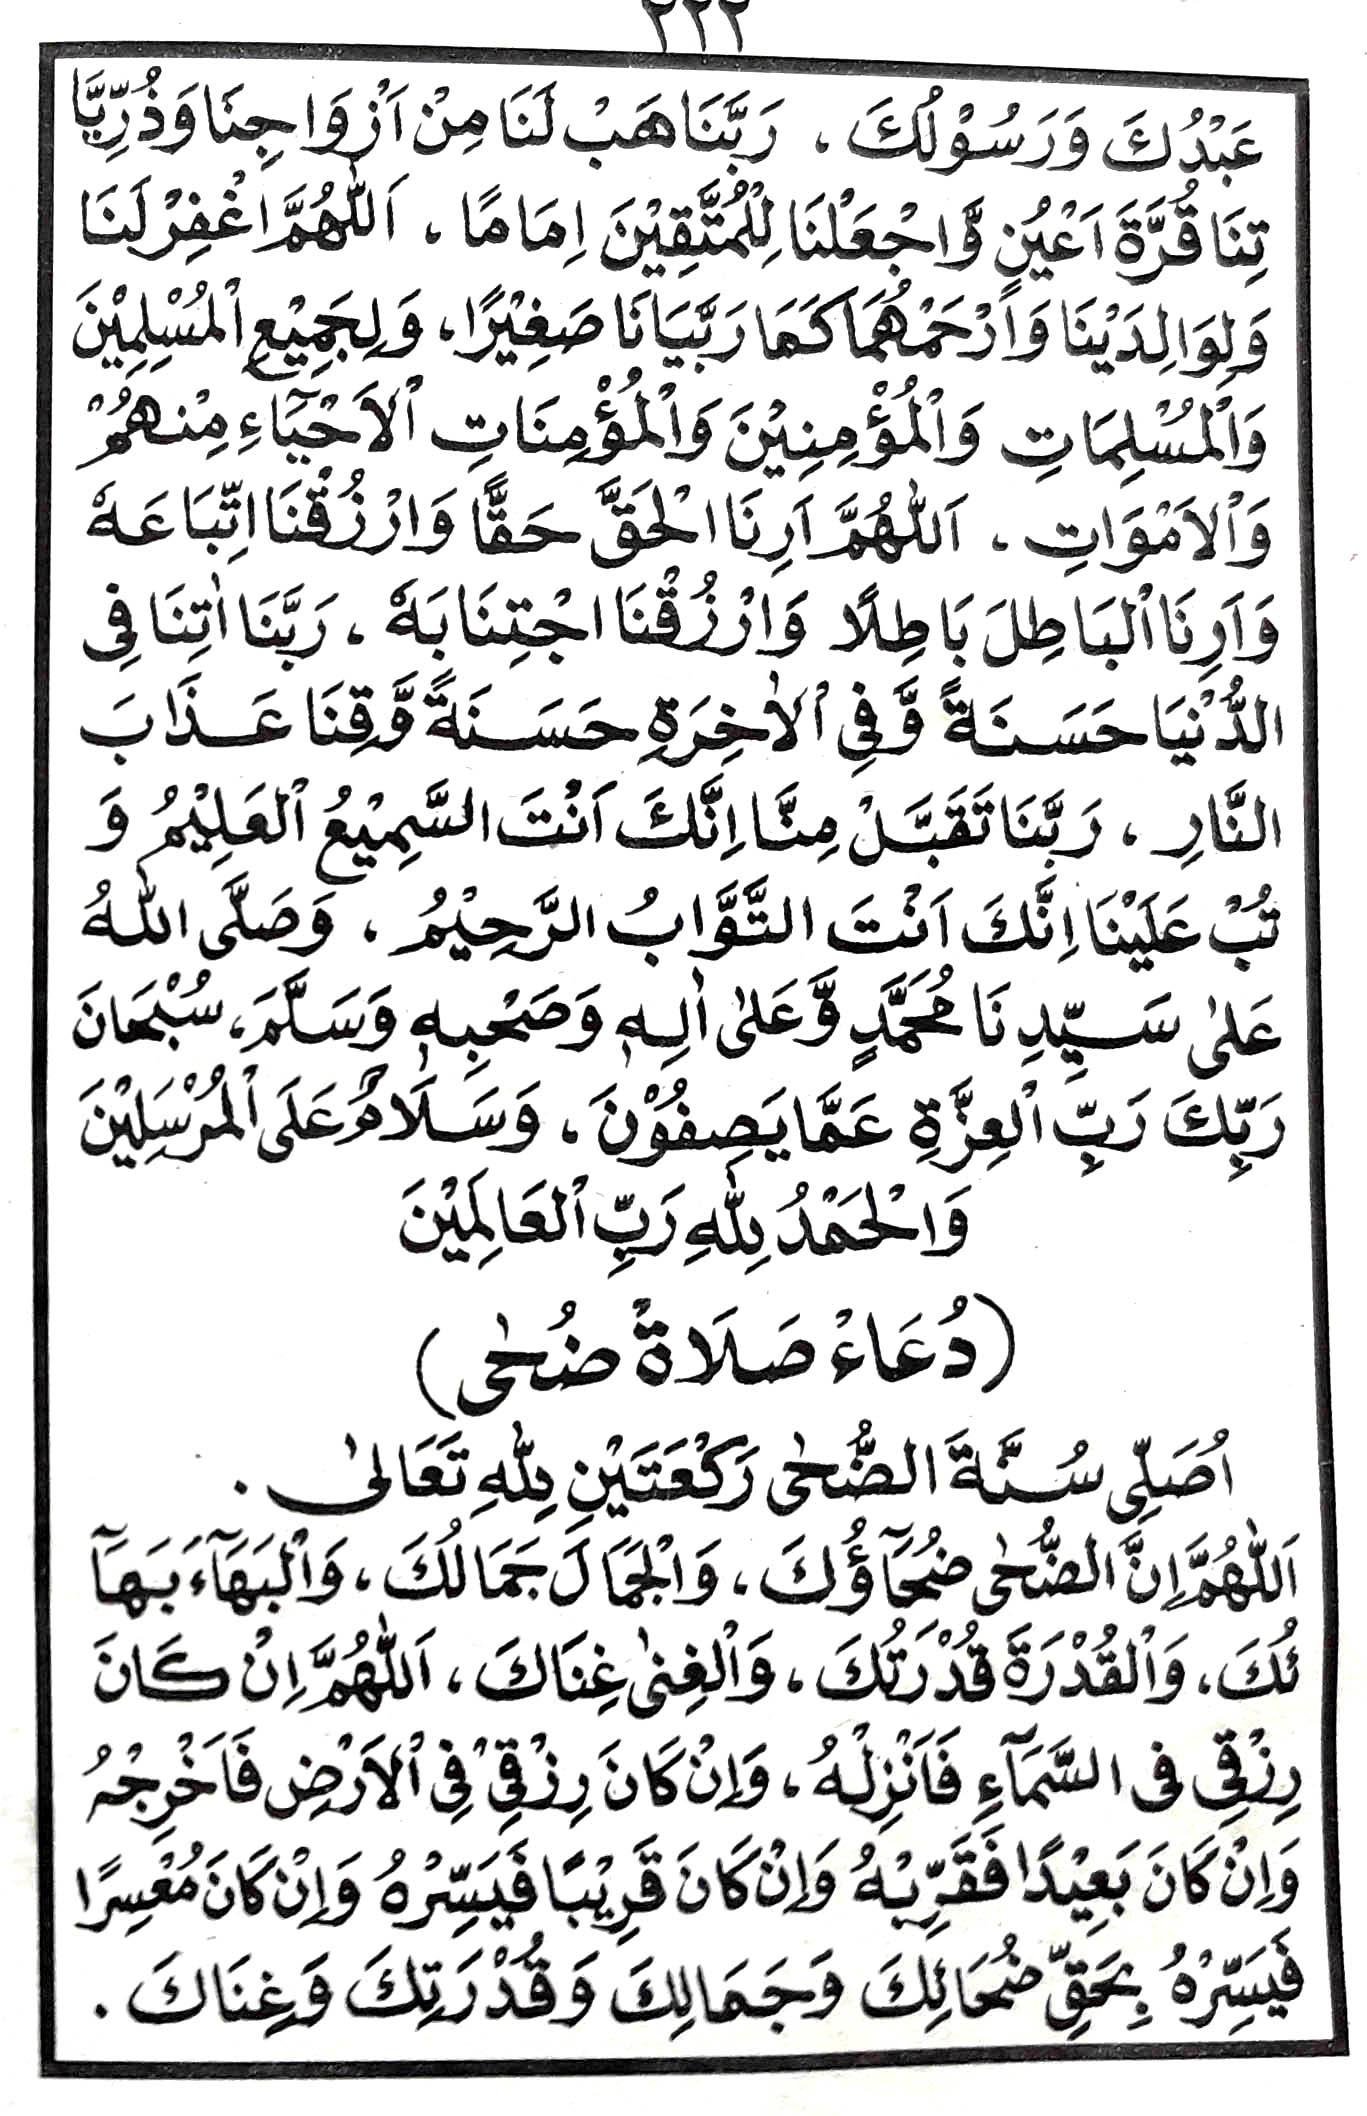 Bacaan Wirid dan Dzikir Sesudah Sholat, Do'a Sesudah Sholat dan Do'a Sholat Dhuha